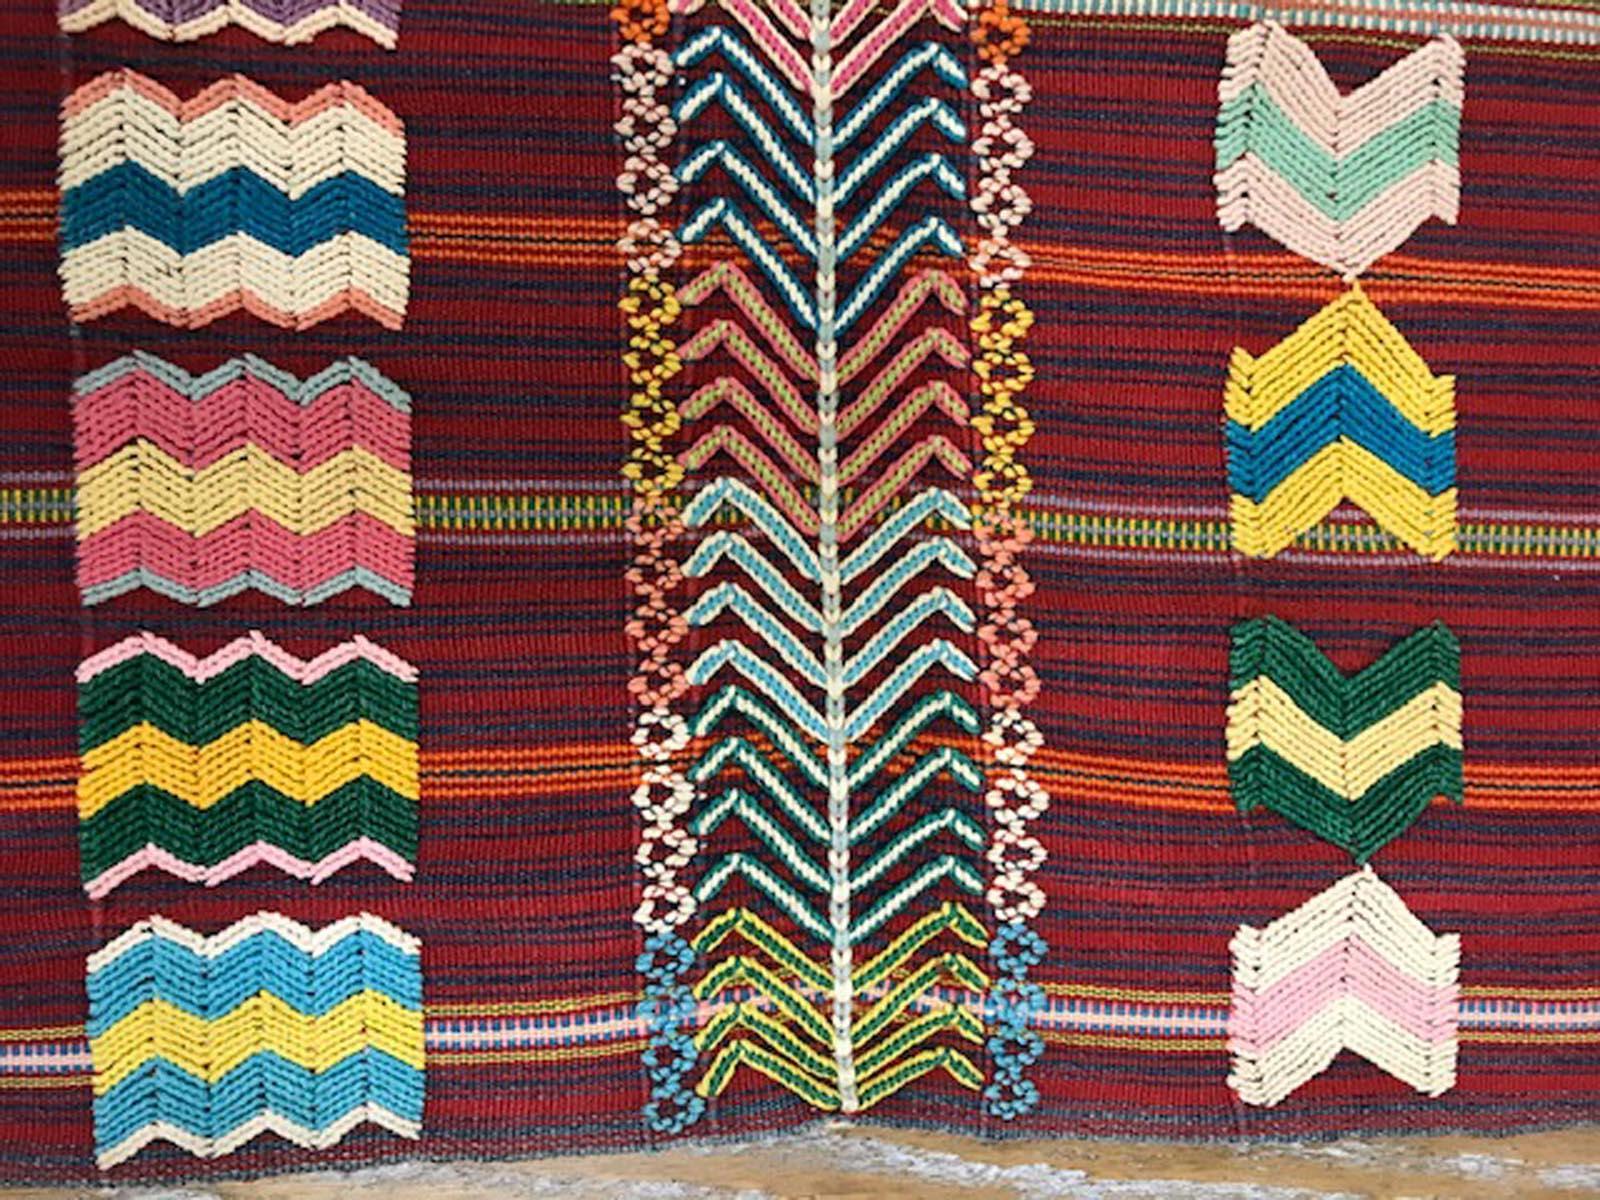 Vintage Guatemalan Fabric Cort\u00e9s skirt 100/% cotton Mayan textile  Ikat dyed 116x29 Textile Fabric  circa 1990/'s ikat dyed